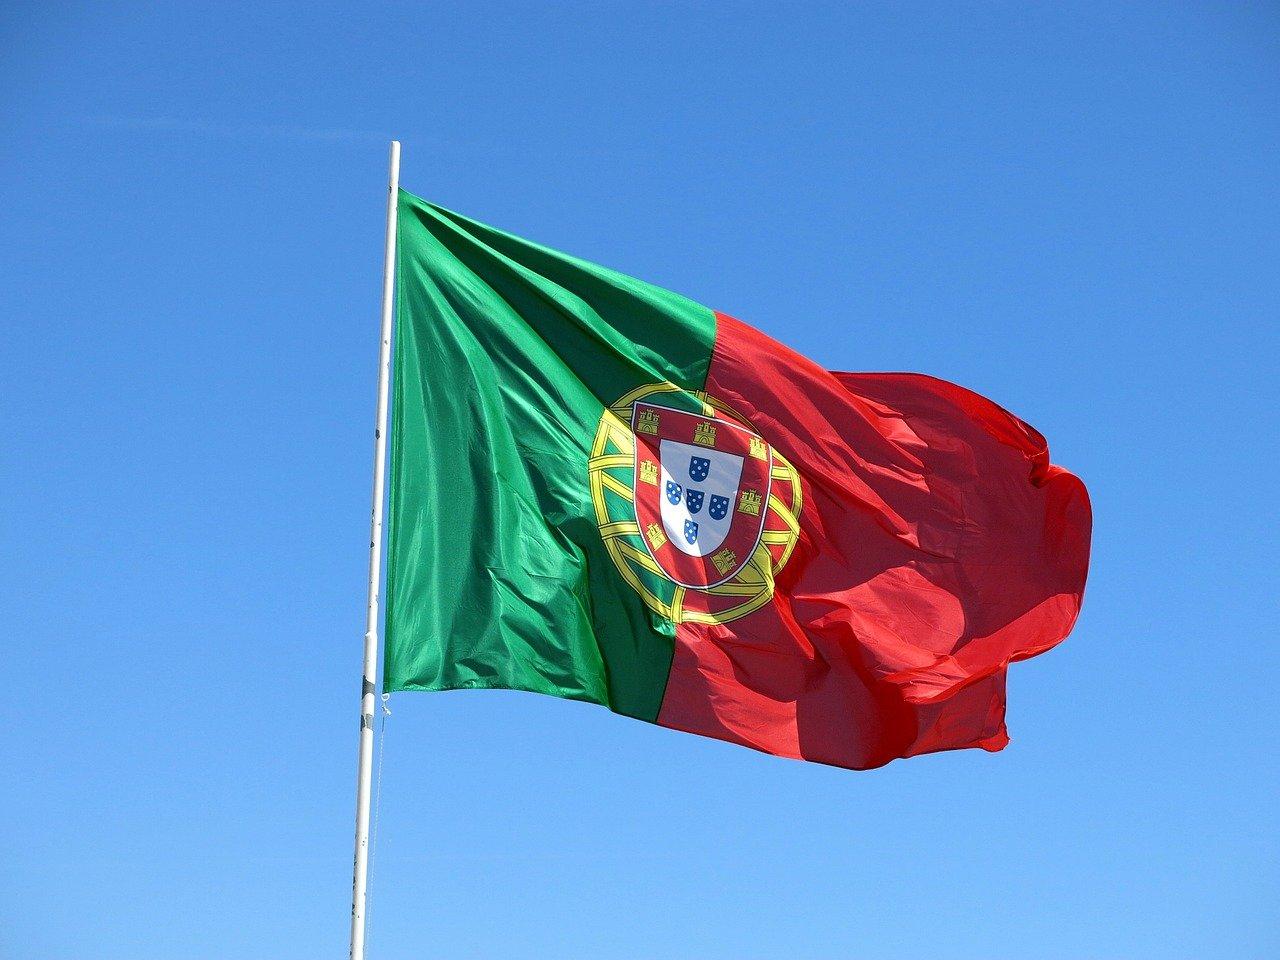 כולנו רוצים דרכון פורטוגלי, בואו להבין קצת על התהליך